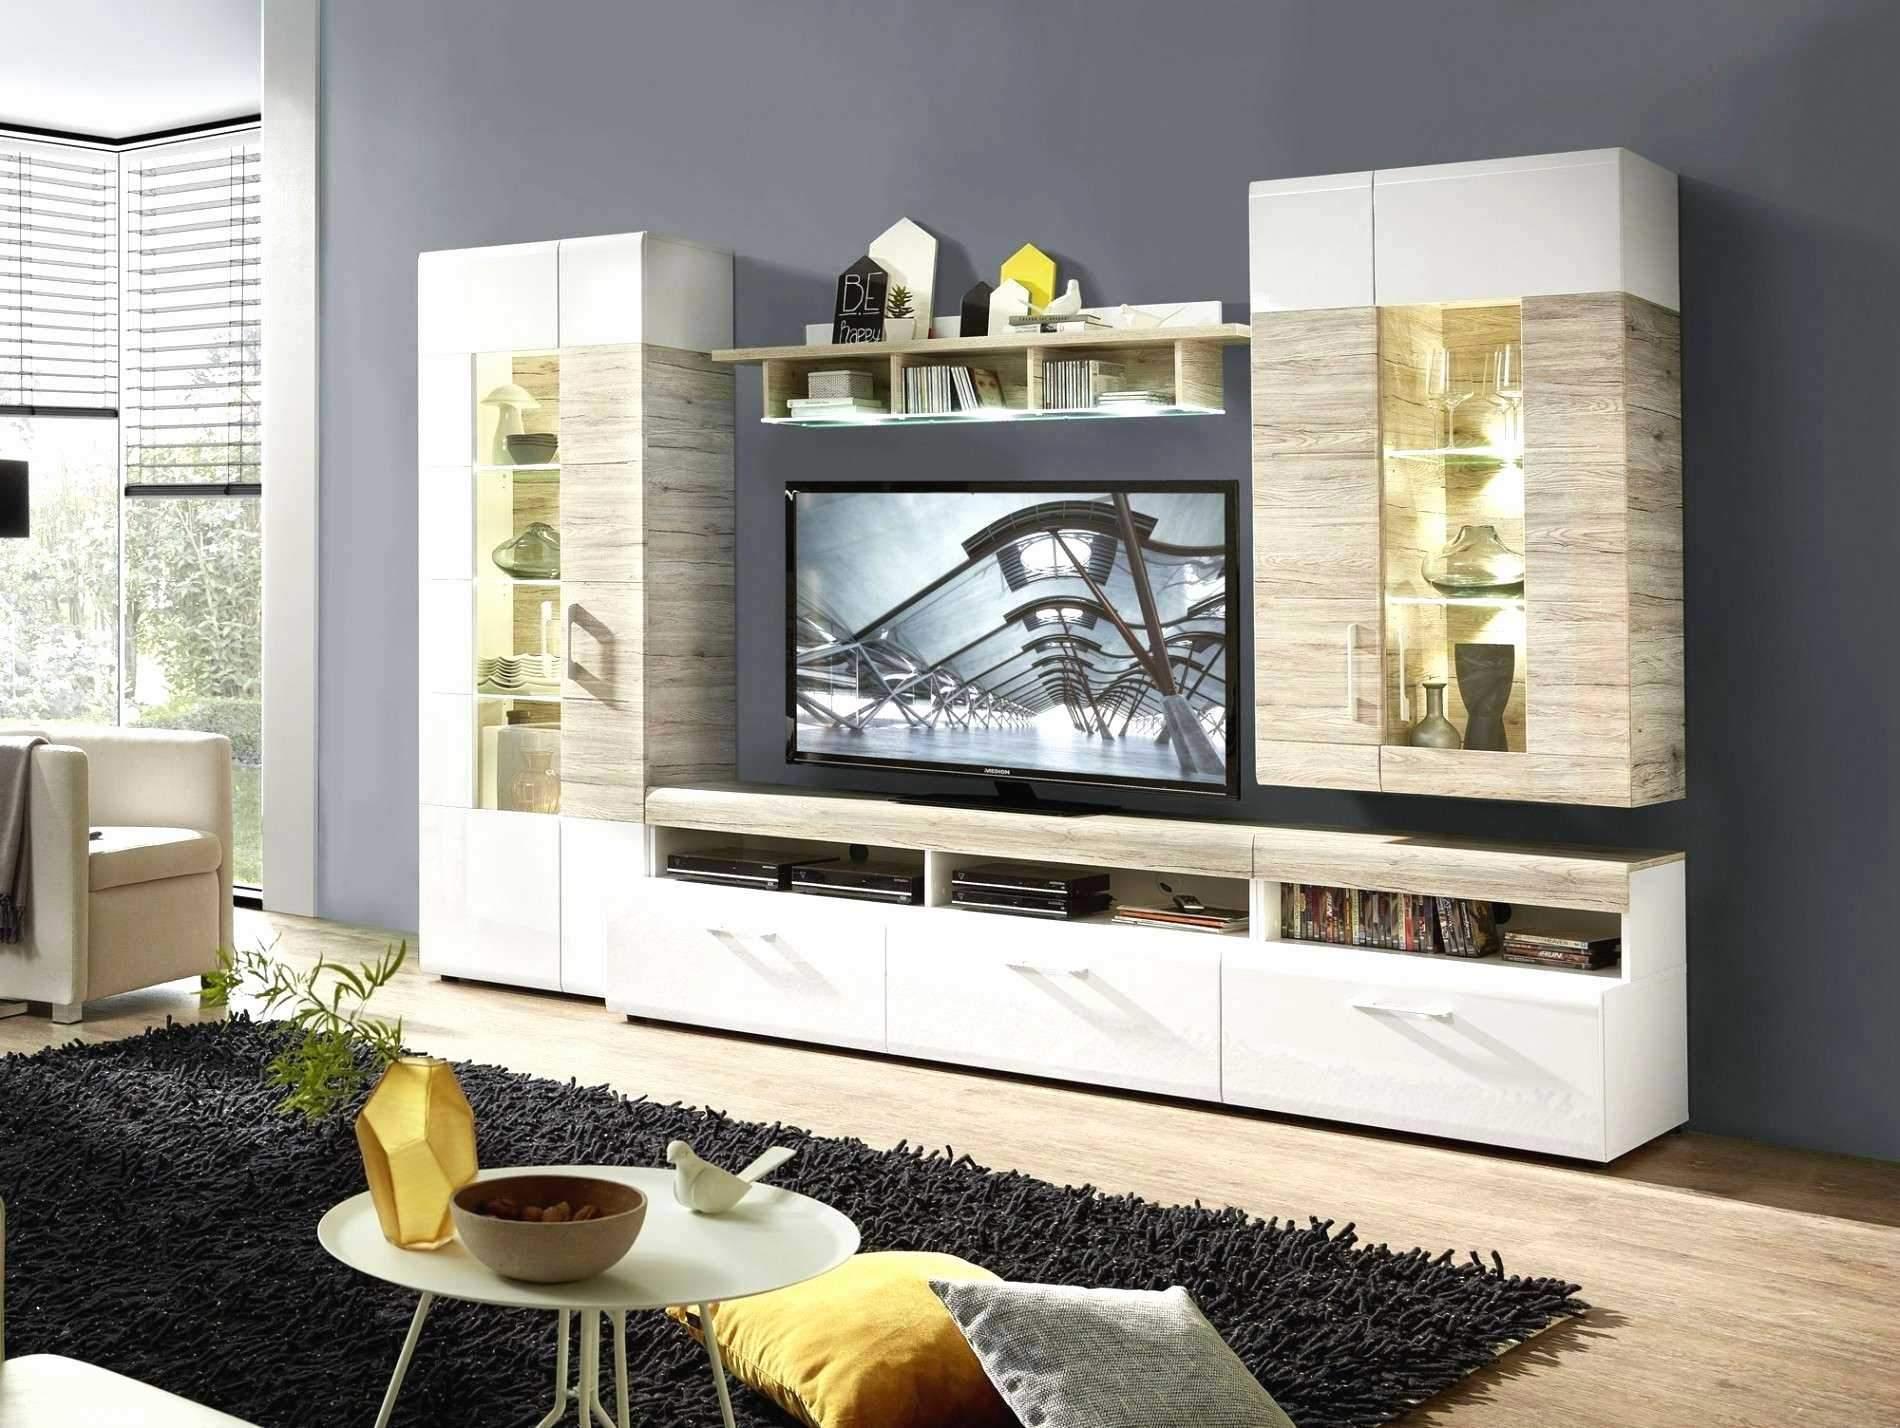 wohnzimmer holz das beste von 40 oben von von deko wohnzimmer holz ideen of wohnzimmer holz